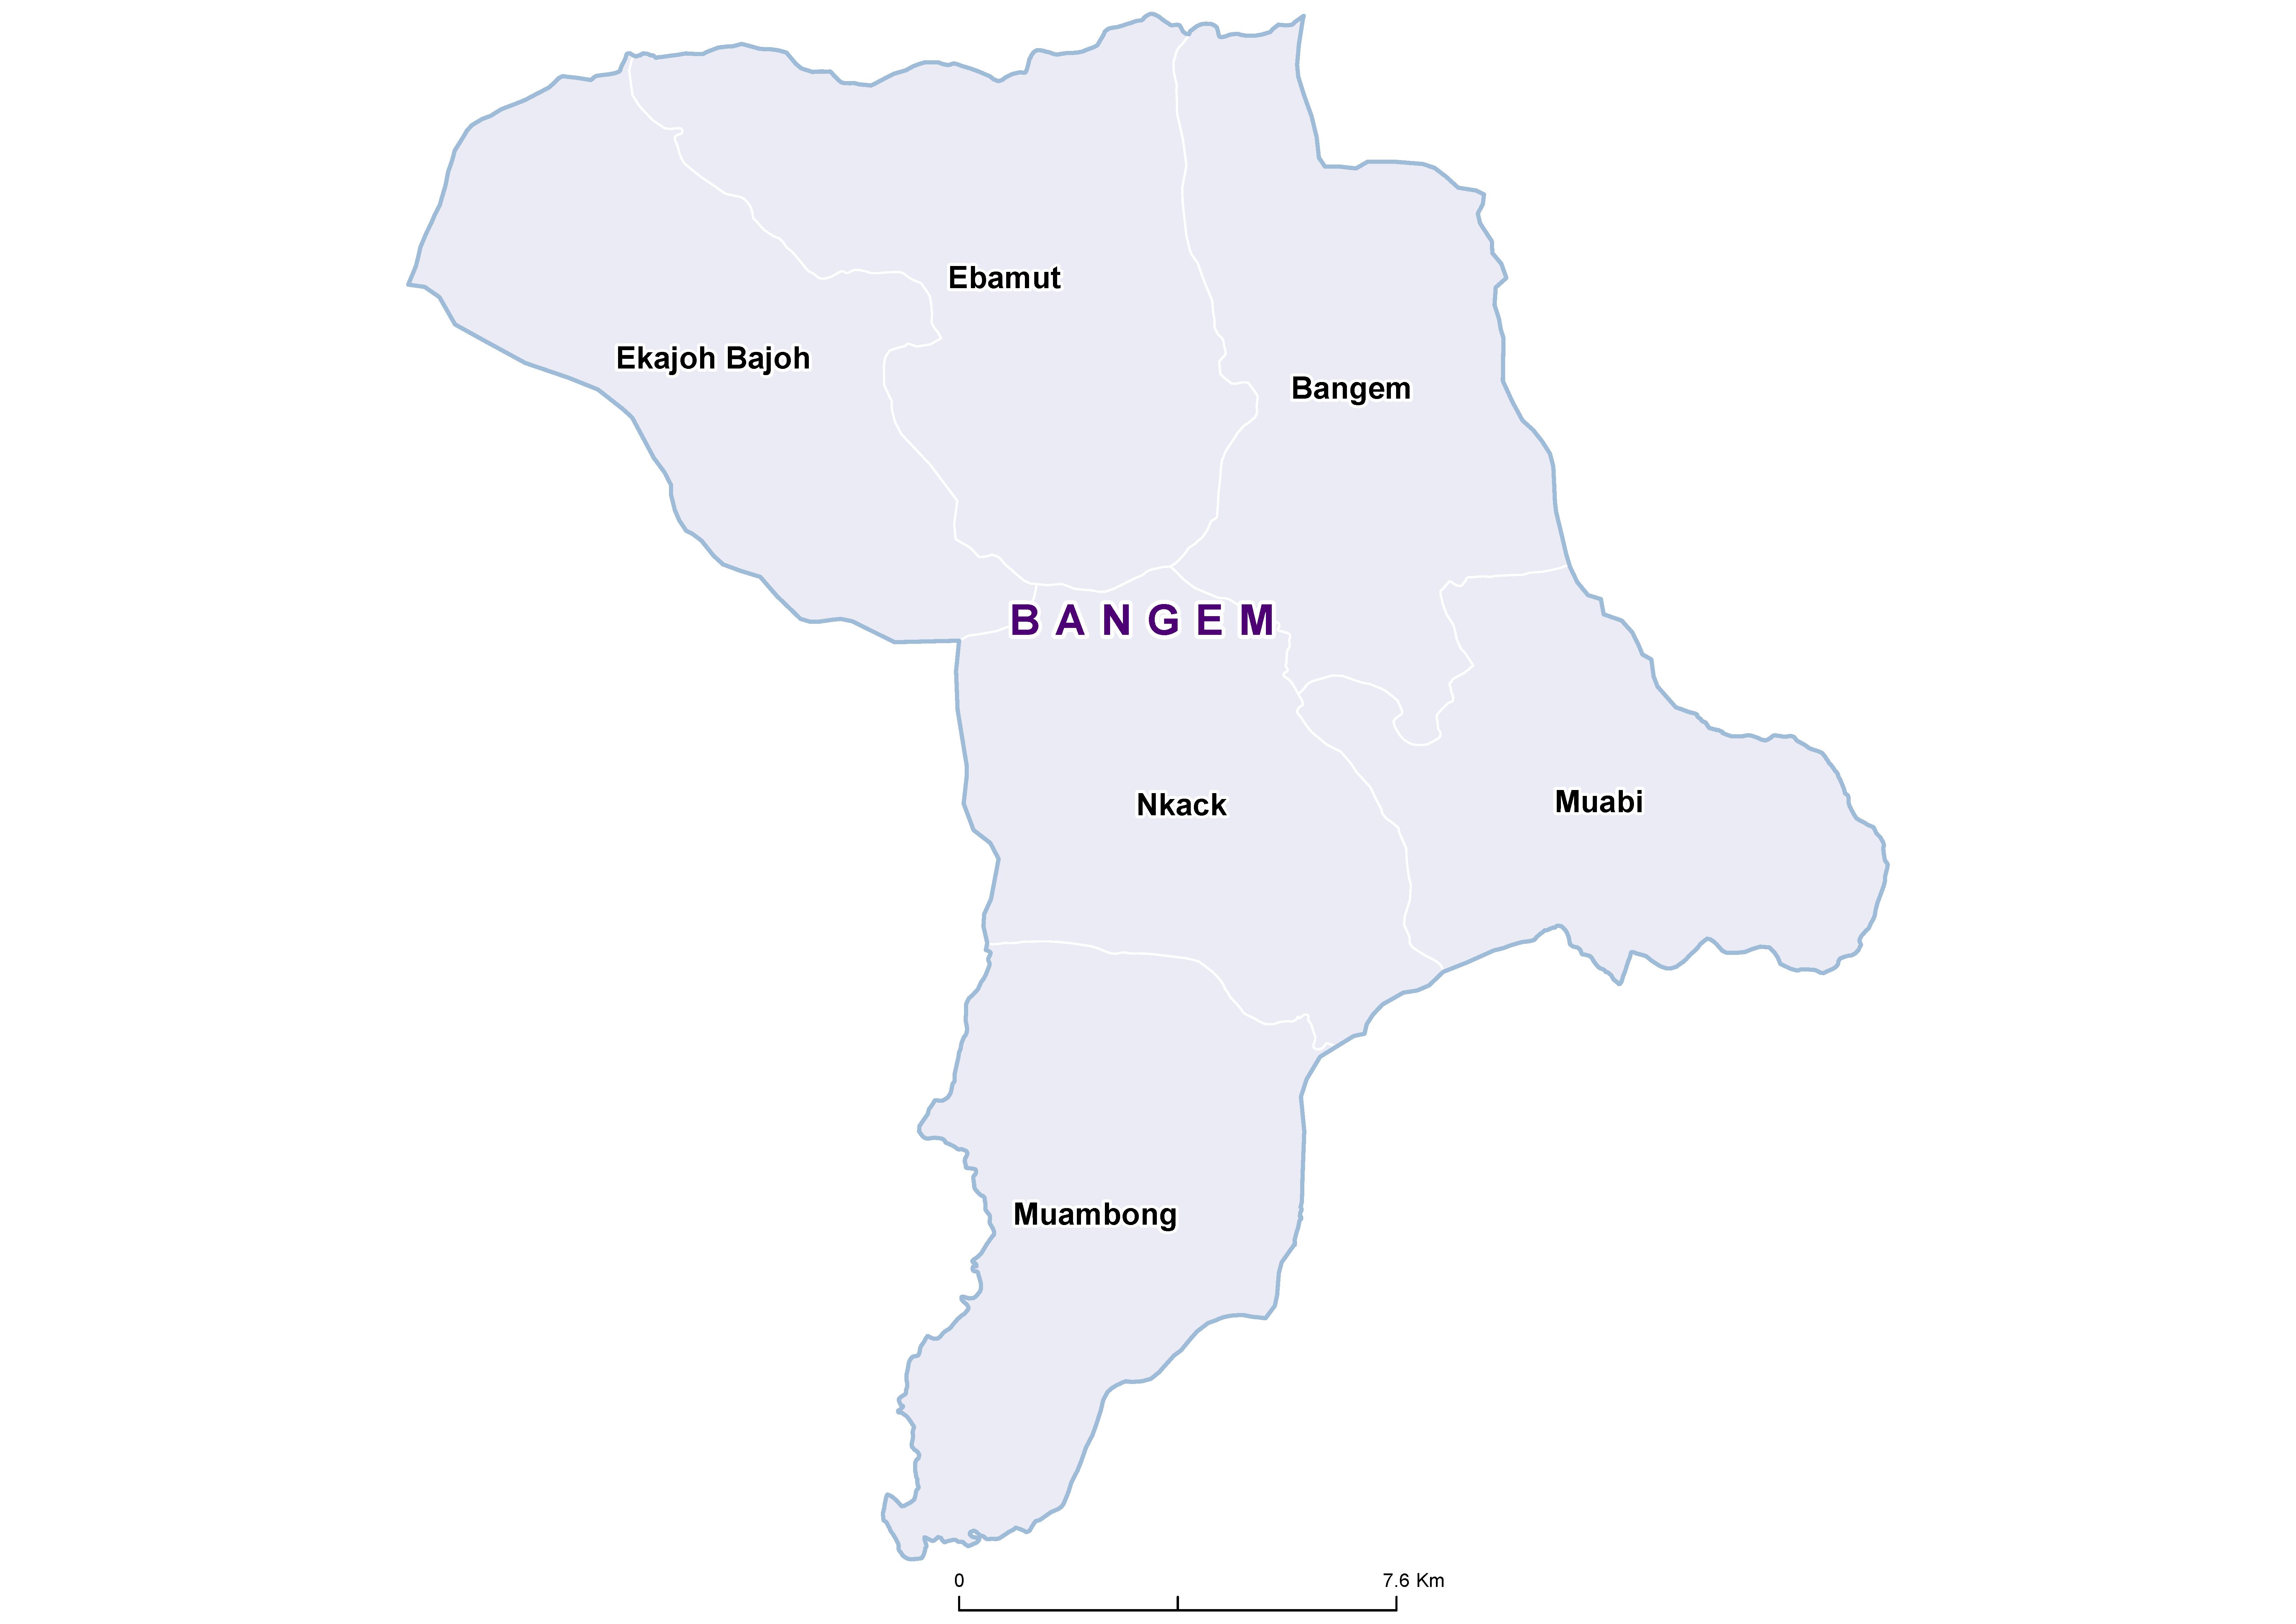 Bangem STH 20180001